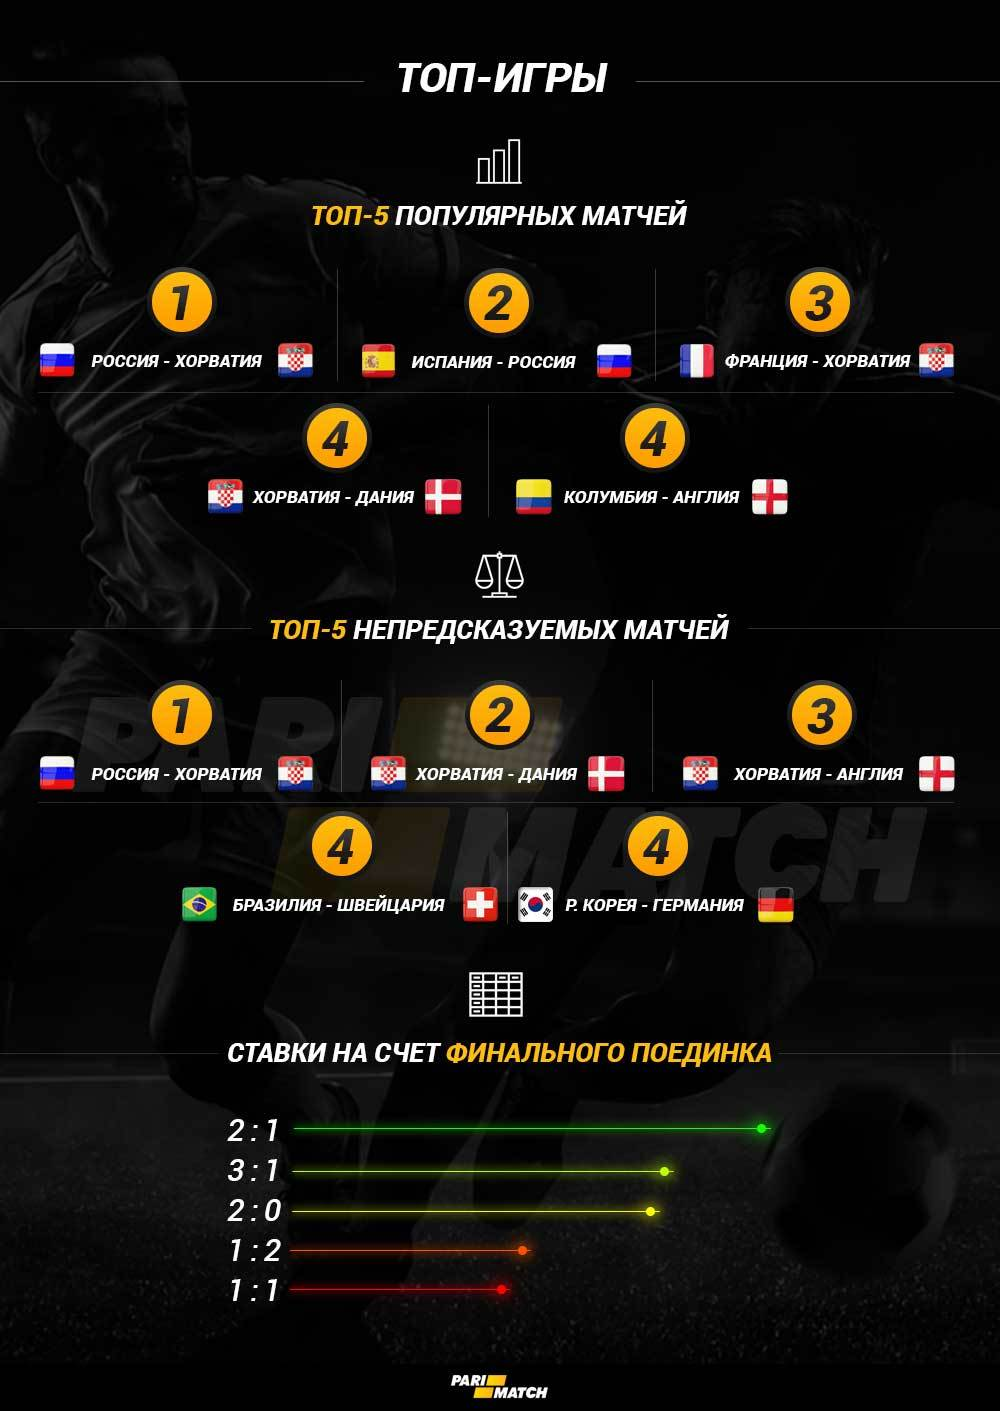 Букмекеры назвали самые востребованные и малоинтересные матчи ЧМ-2018 (Инфографика) - изображение 2